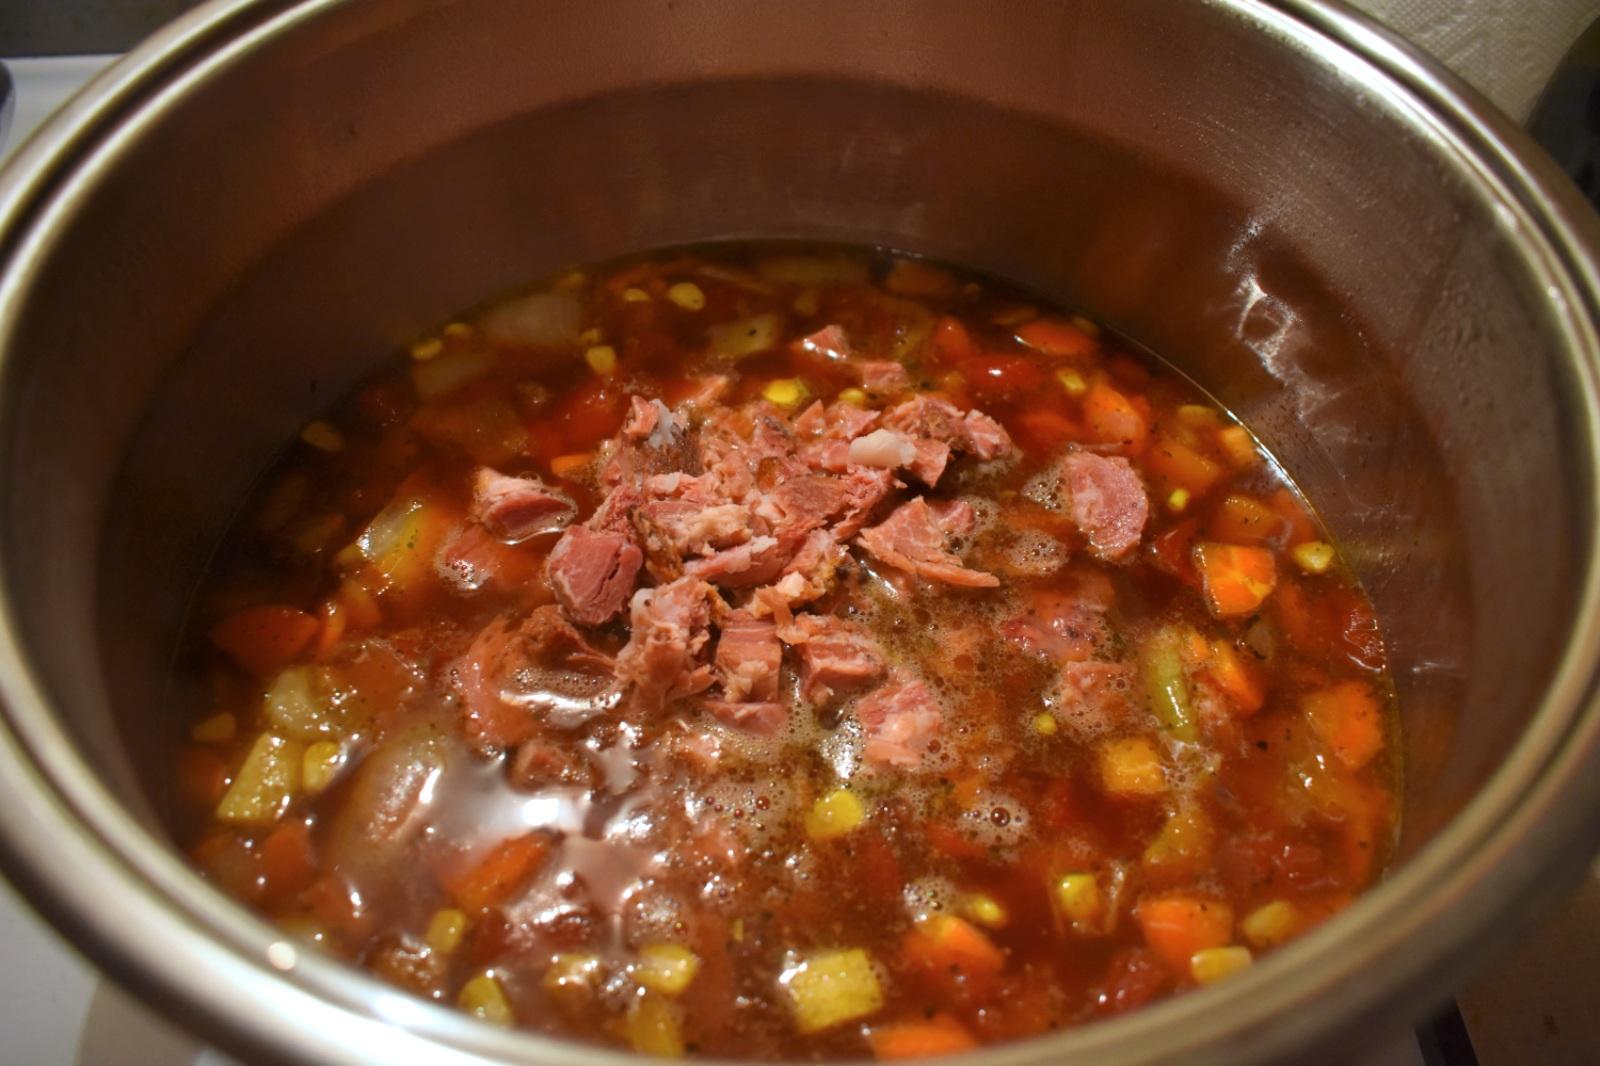 Soupe aux légumes au jambon - Auboutdelalangue.com (6)